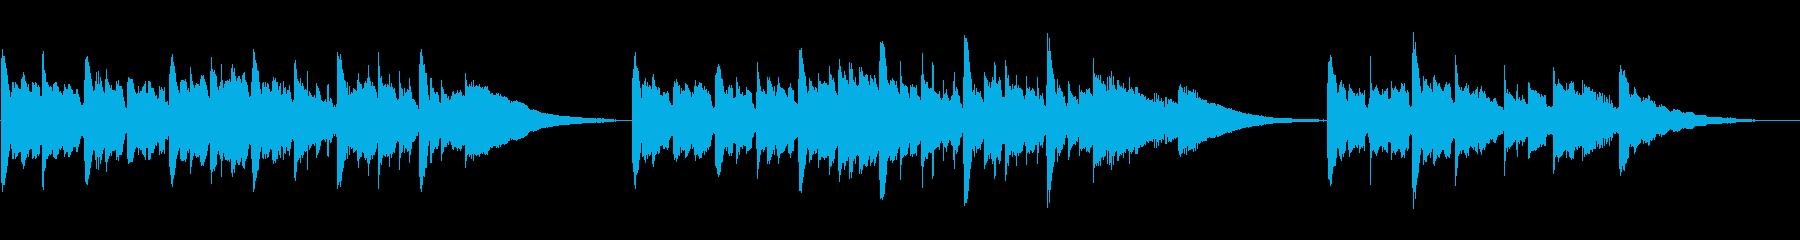 さくらsakura桜【生ギター】和風童謡の再生済みの波形